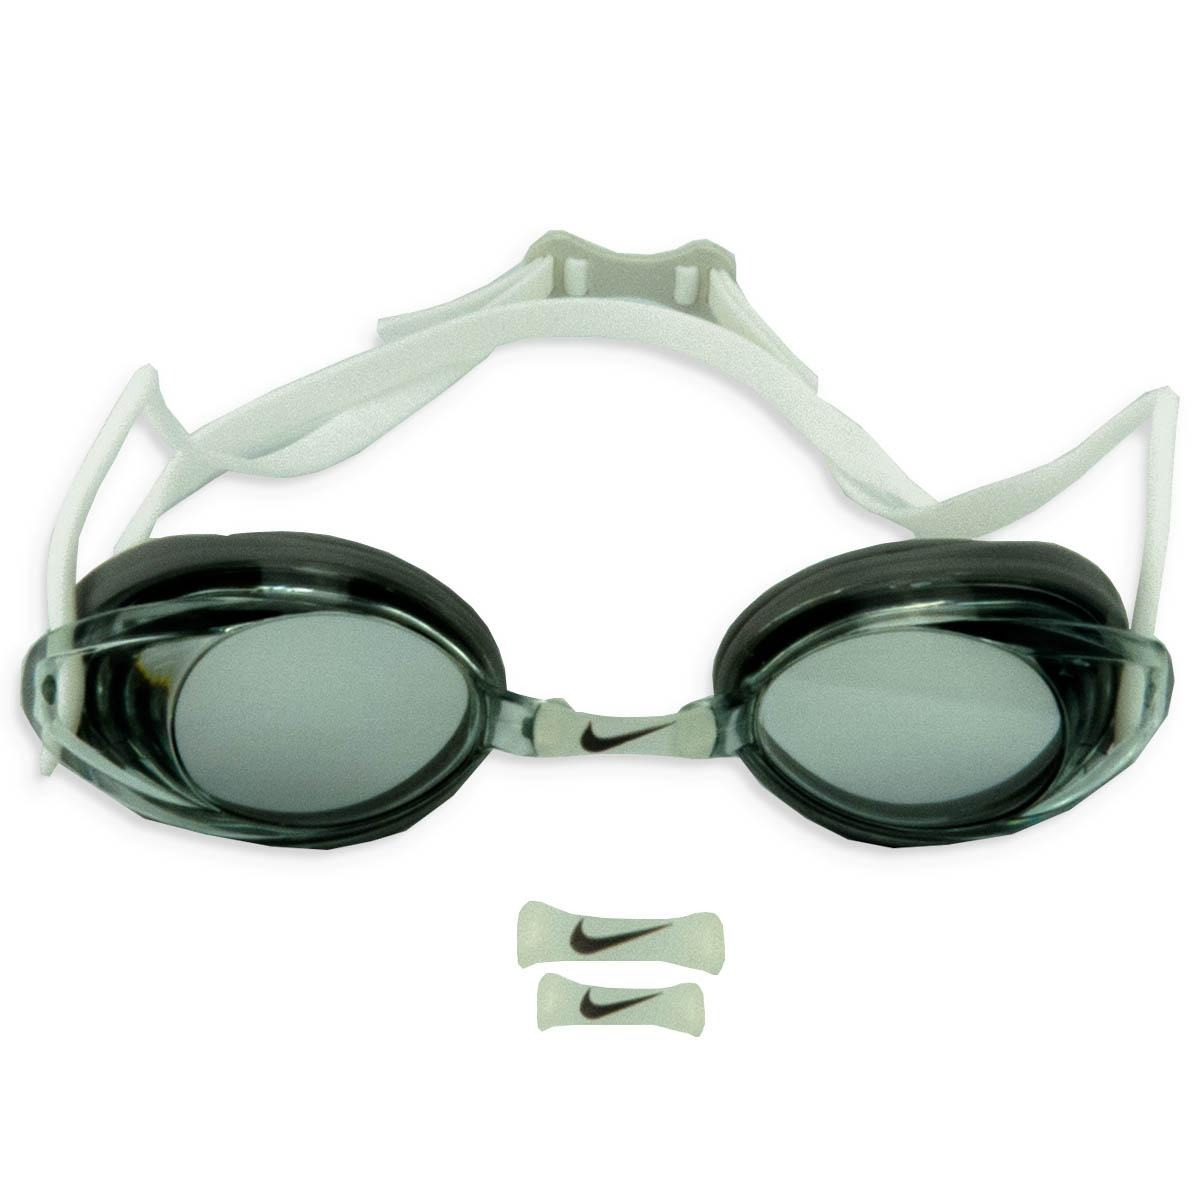 728ebd0edc527 Óculos De Natação Nike Remora Fume - Medinas - R  130,91 em Mercado ...